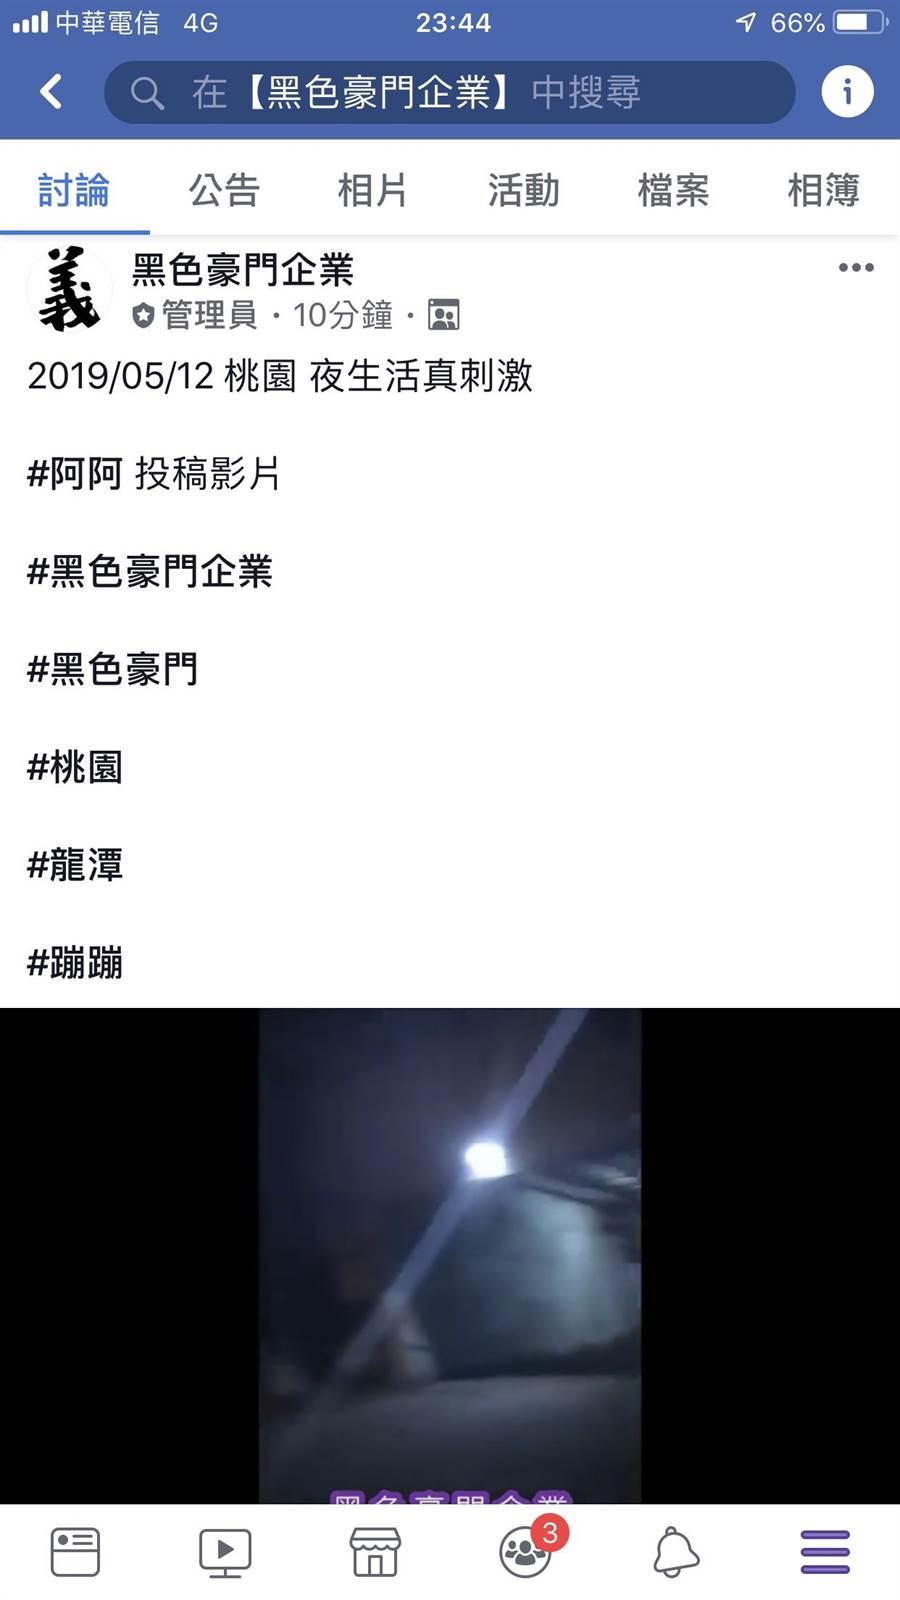 有民眾上網爆料桃園市龍潭區深夜疑似傳出槍響。(呂筱蟬翻攝)